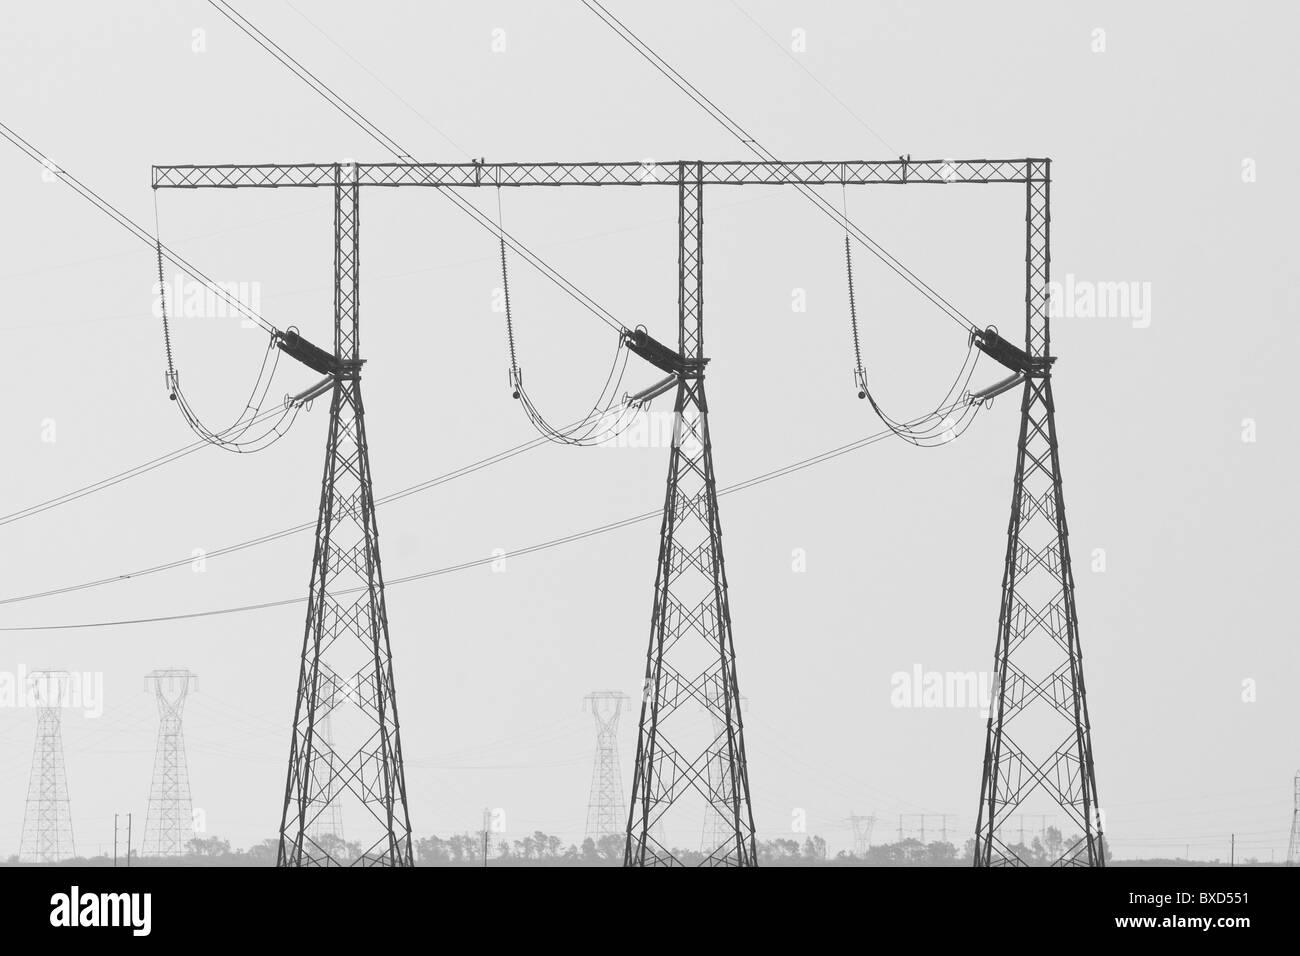 Elektrische Hochspannungsleitungen und Türme Stockbild